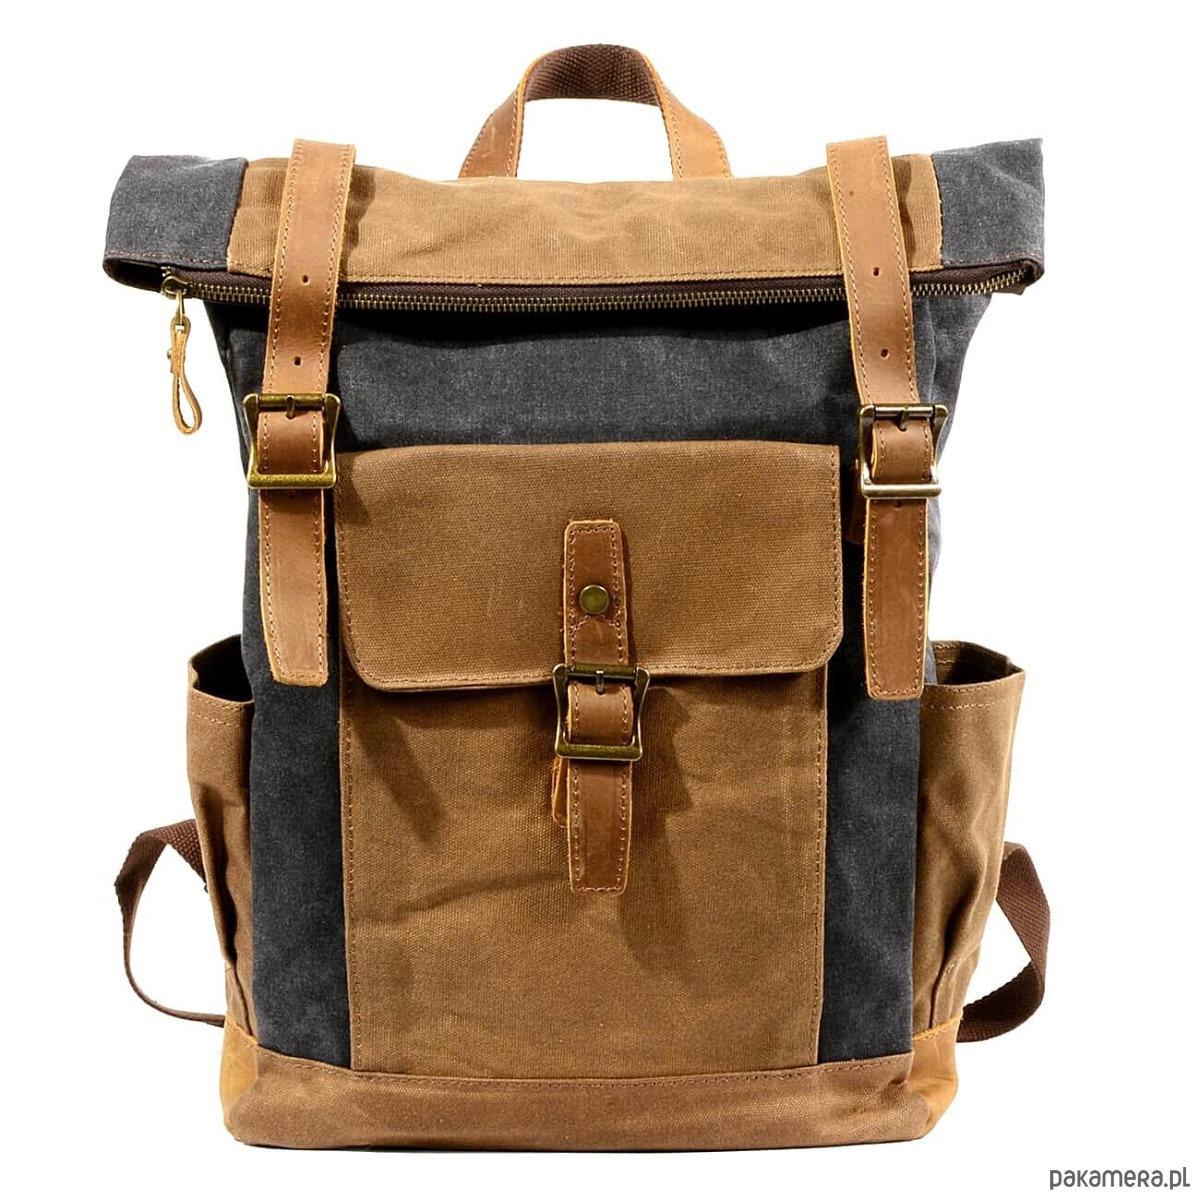 b83b3ae0f58b0 P8 WAX STANFORD UNISEX™ plecak płótno wosk. - plecaki - Pakamera.pl